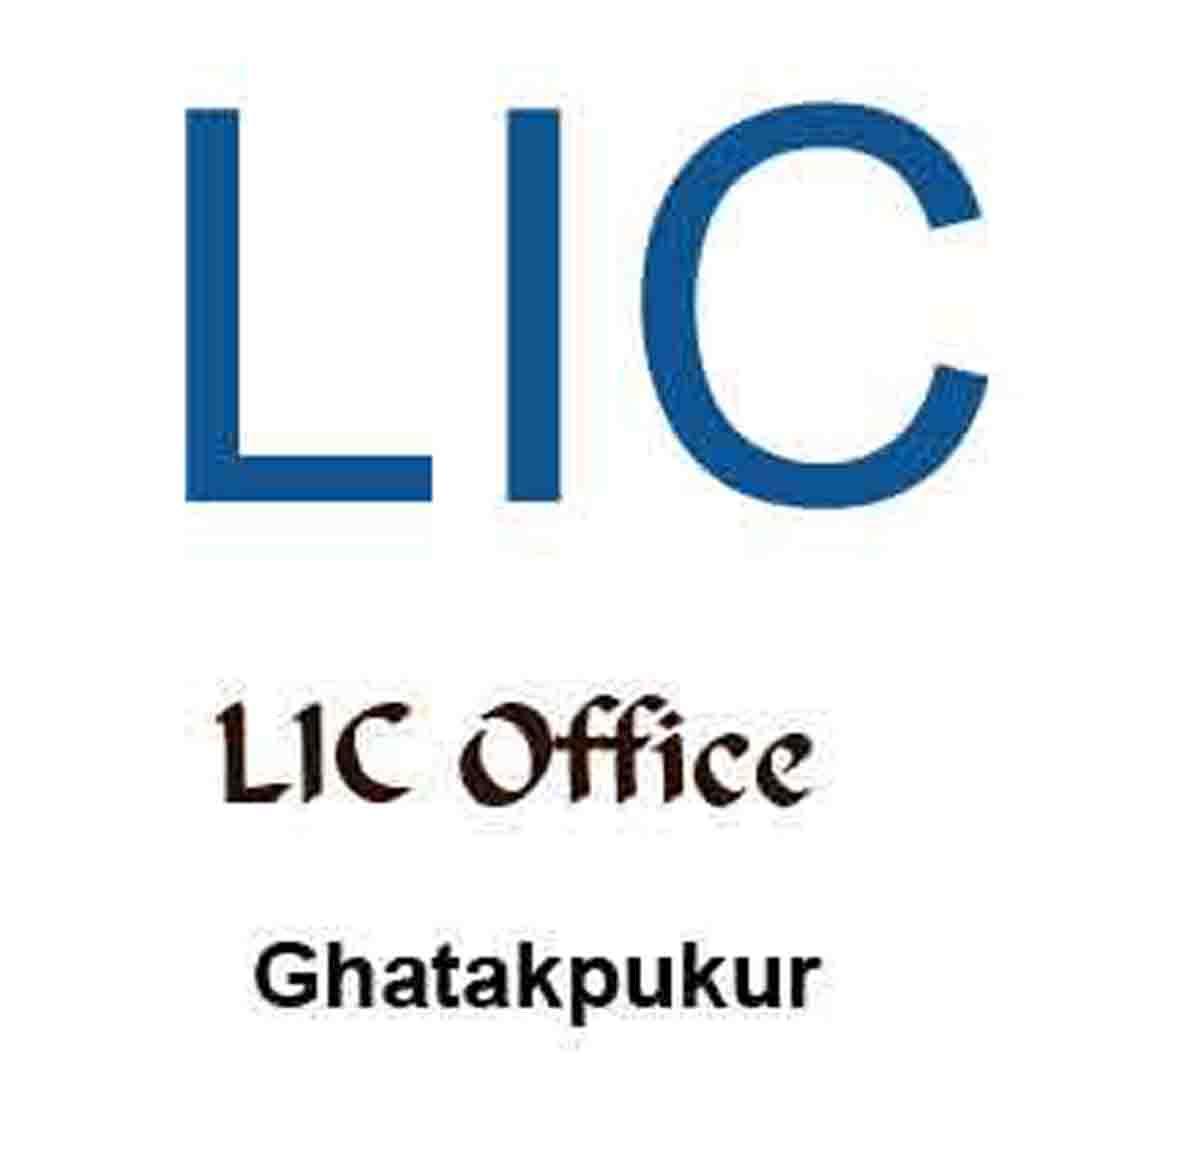 lic office ghatakpukur